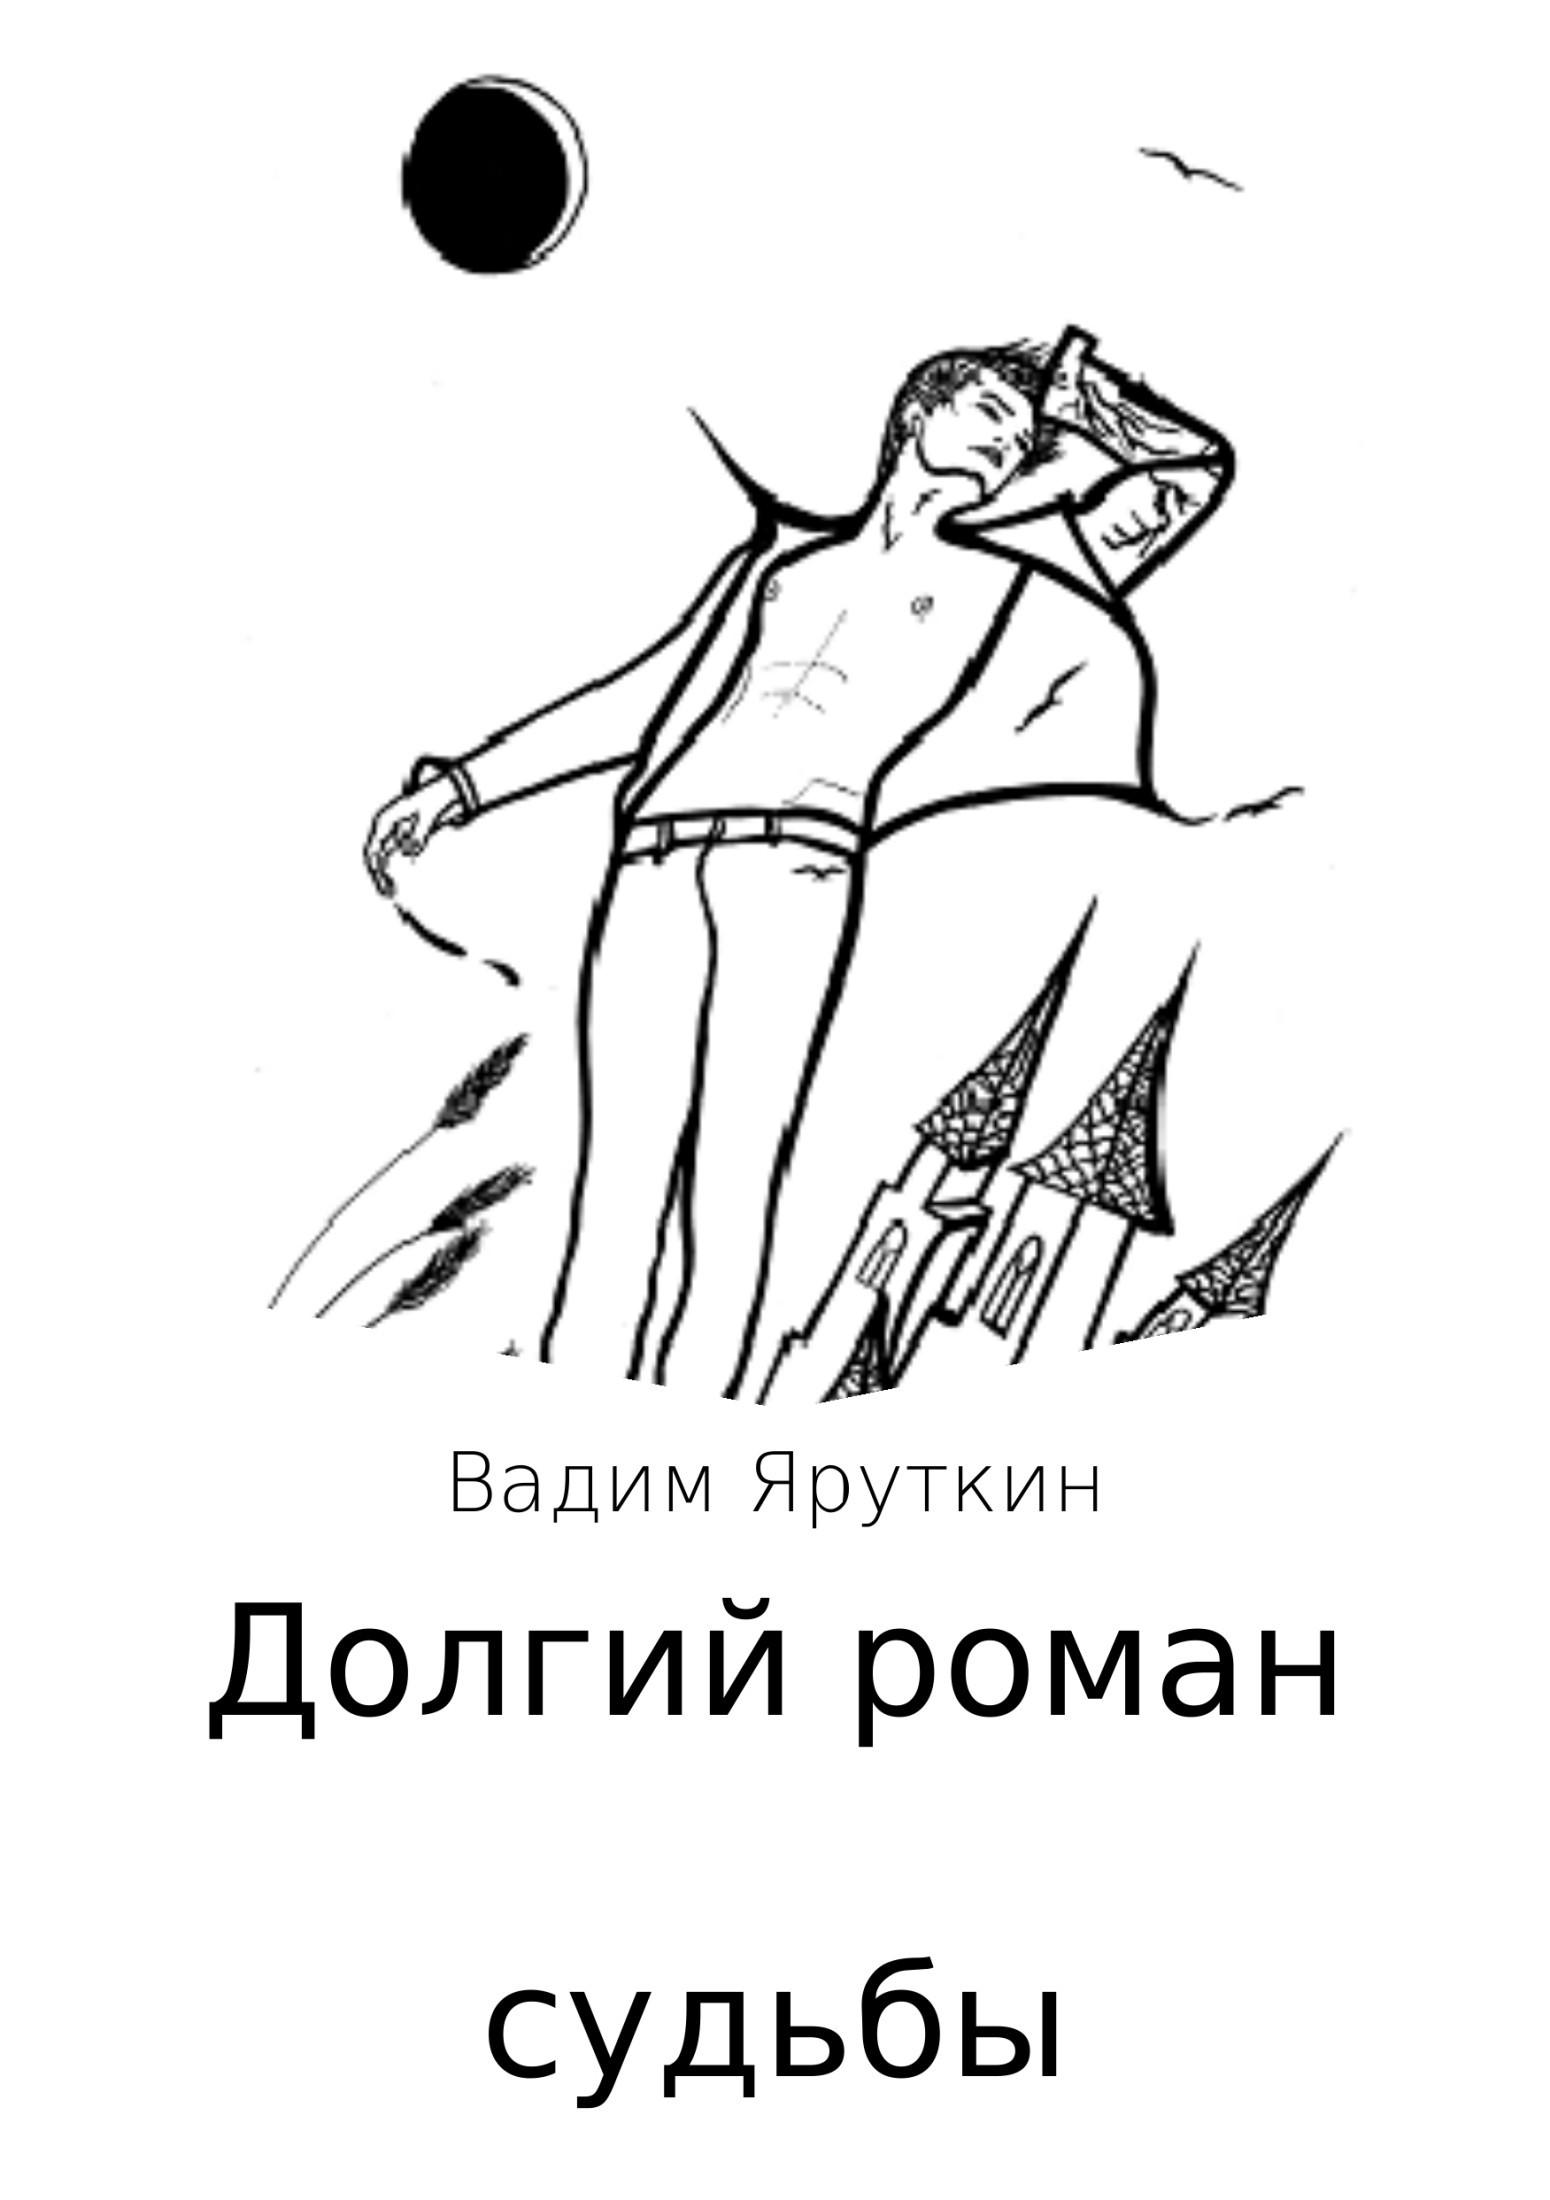 Книга Долгий роман судьбы. Сборник стихов